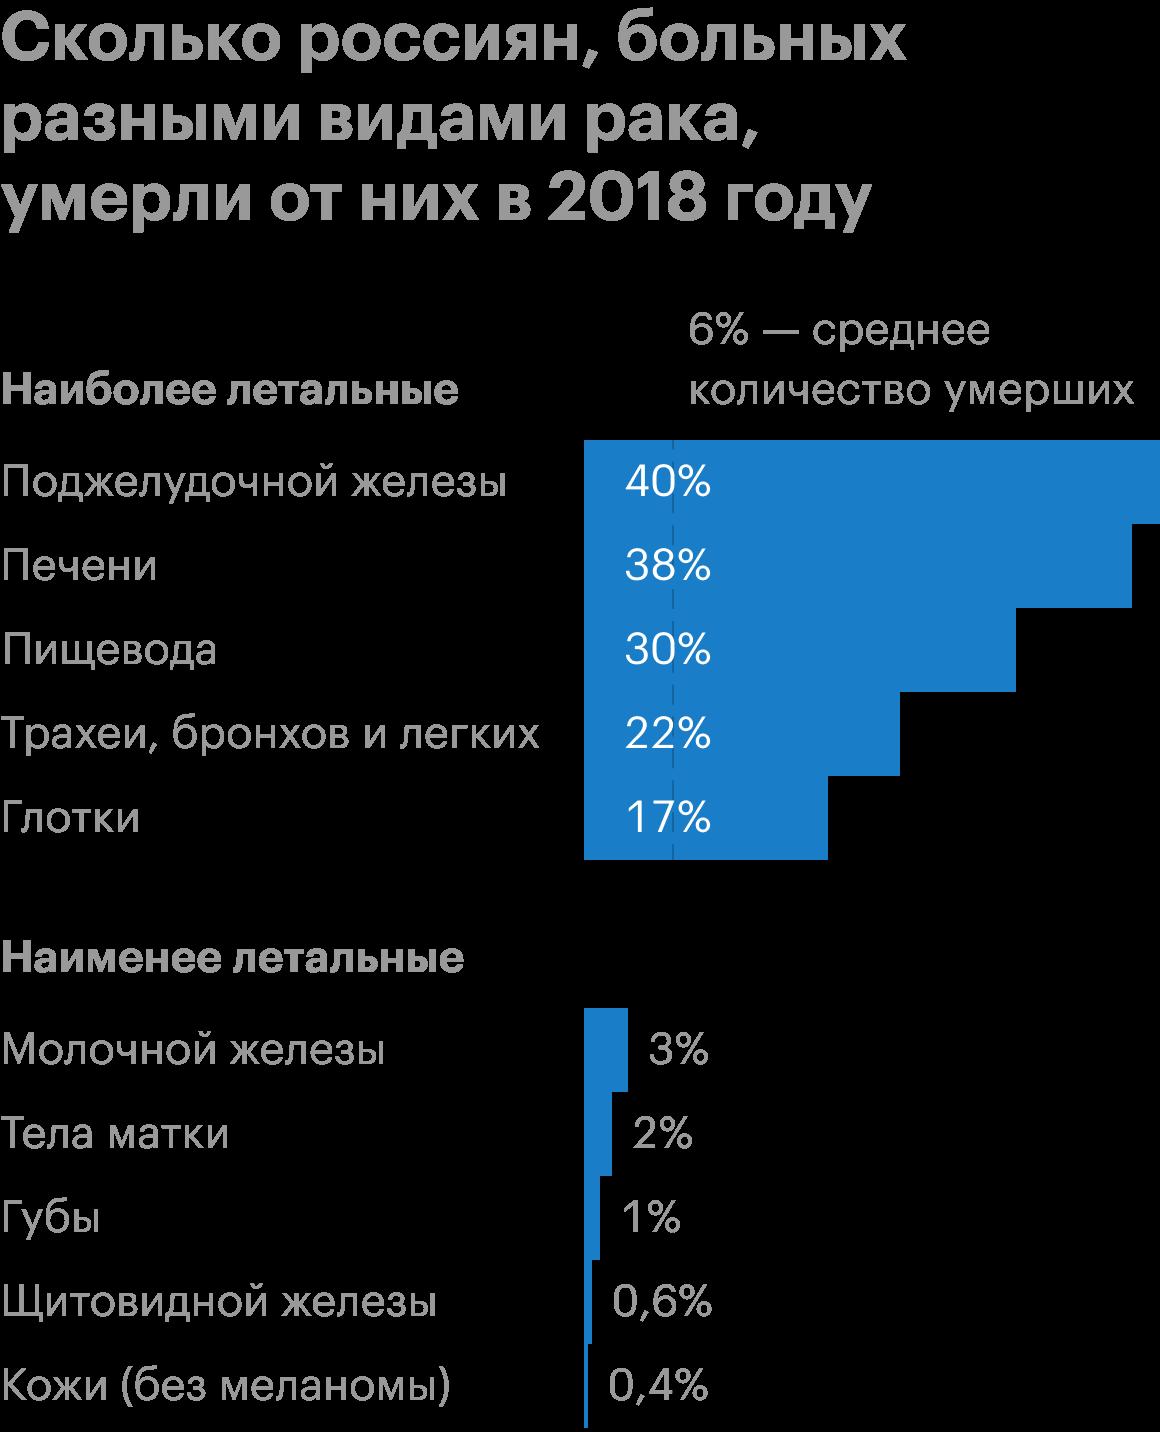 Источник: RT со ссылкой на Минздрав России